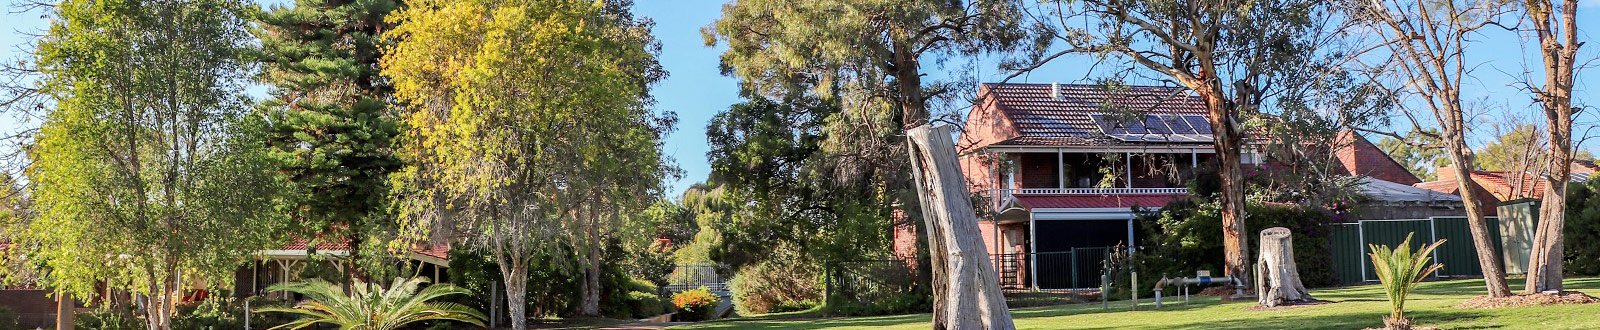 Crestwood Estate Park